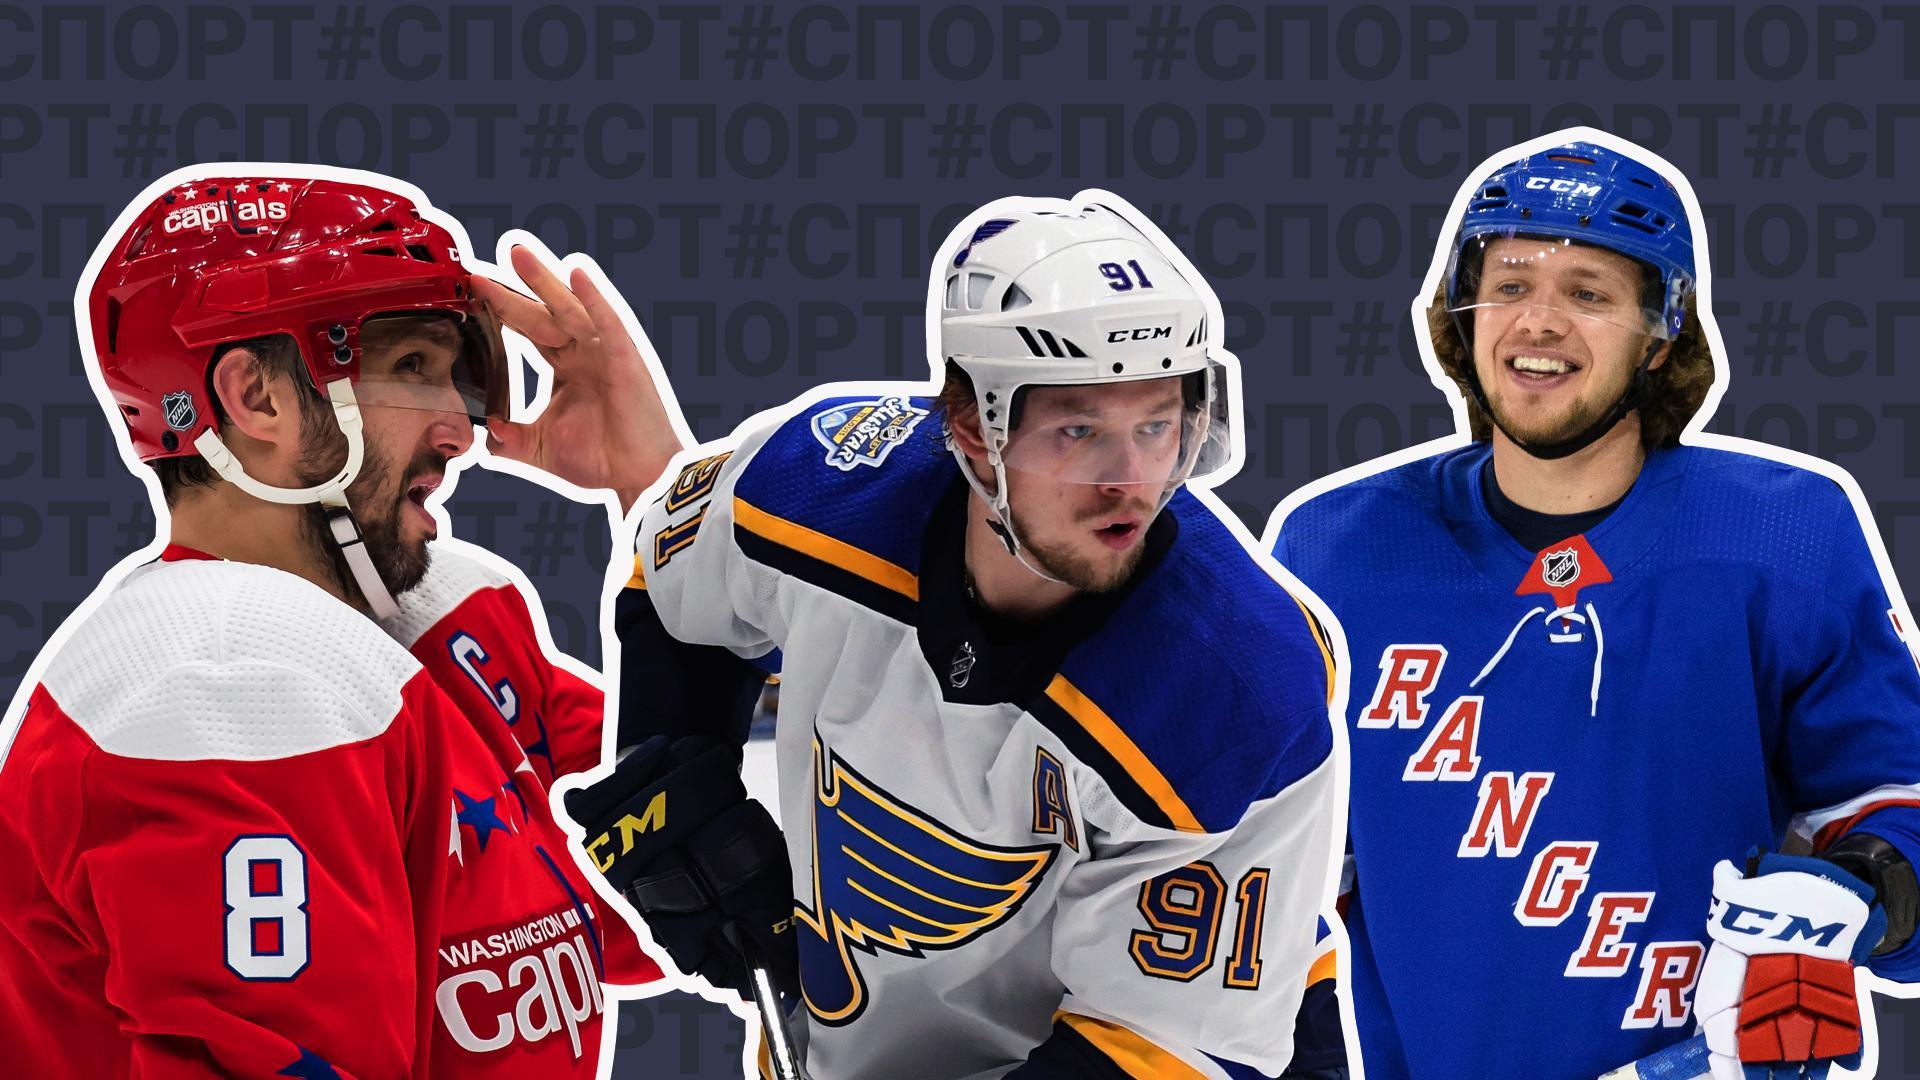 НХЛ возвращается! У кого из россиян больше шансов на Кубок Стэнли?